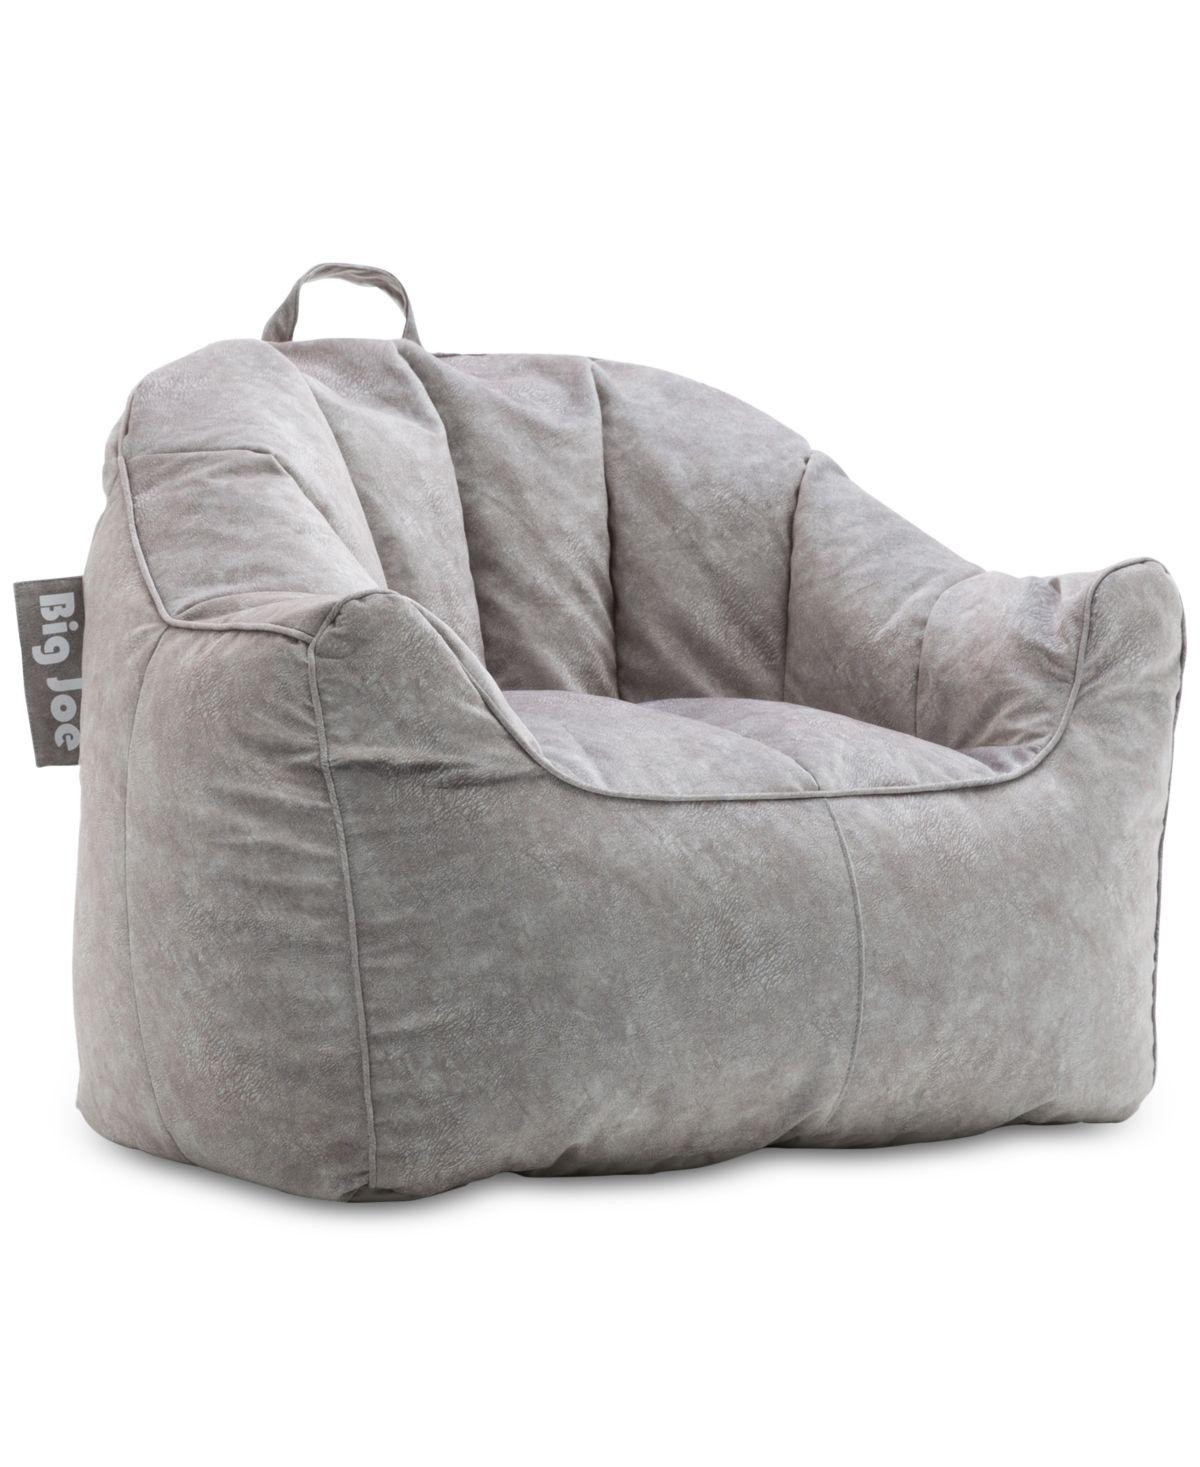 Furniture Big Joe Hyde Bean Bag Chair & Reviews Chairs